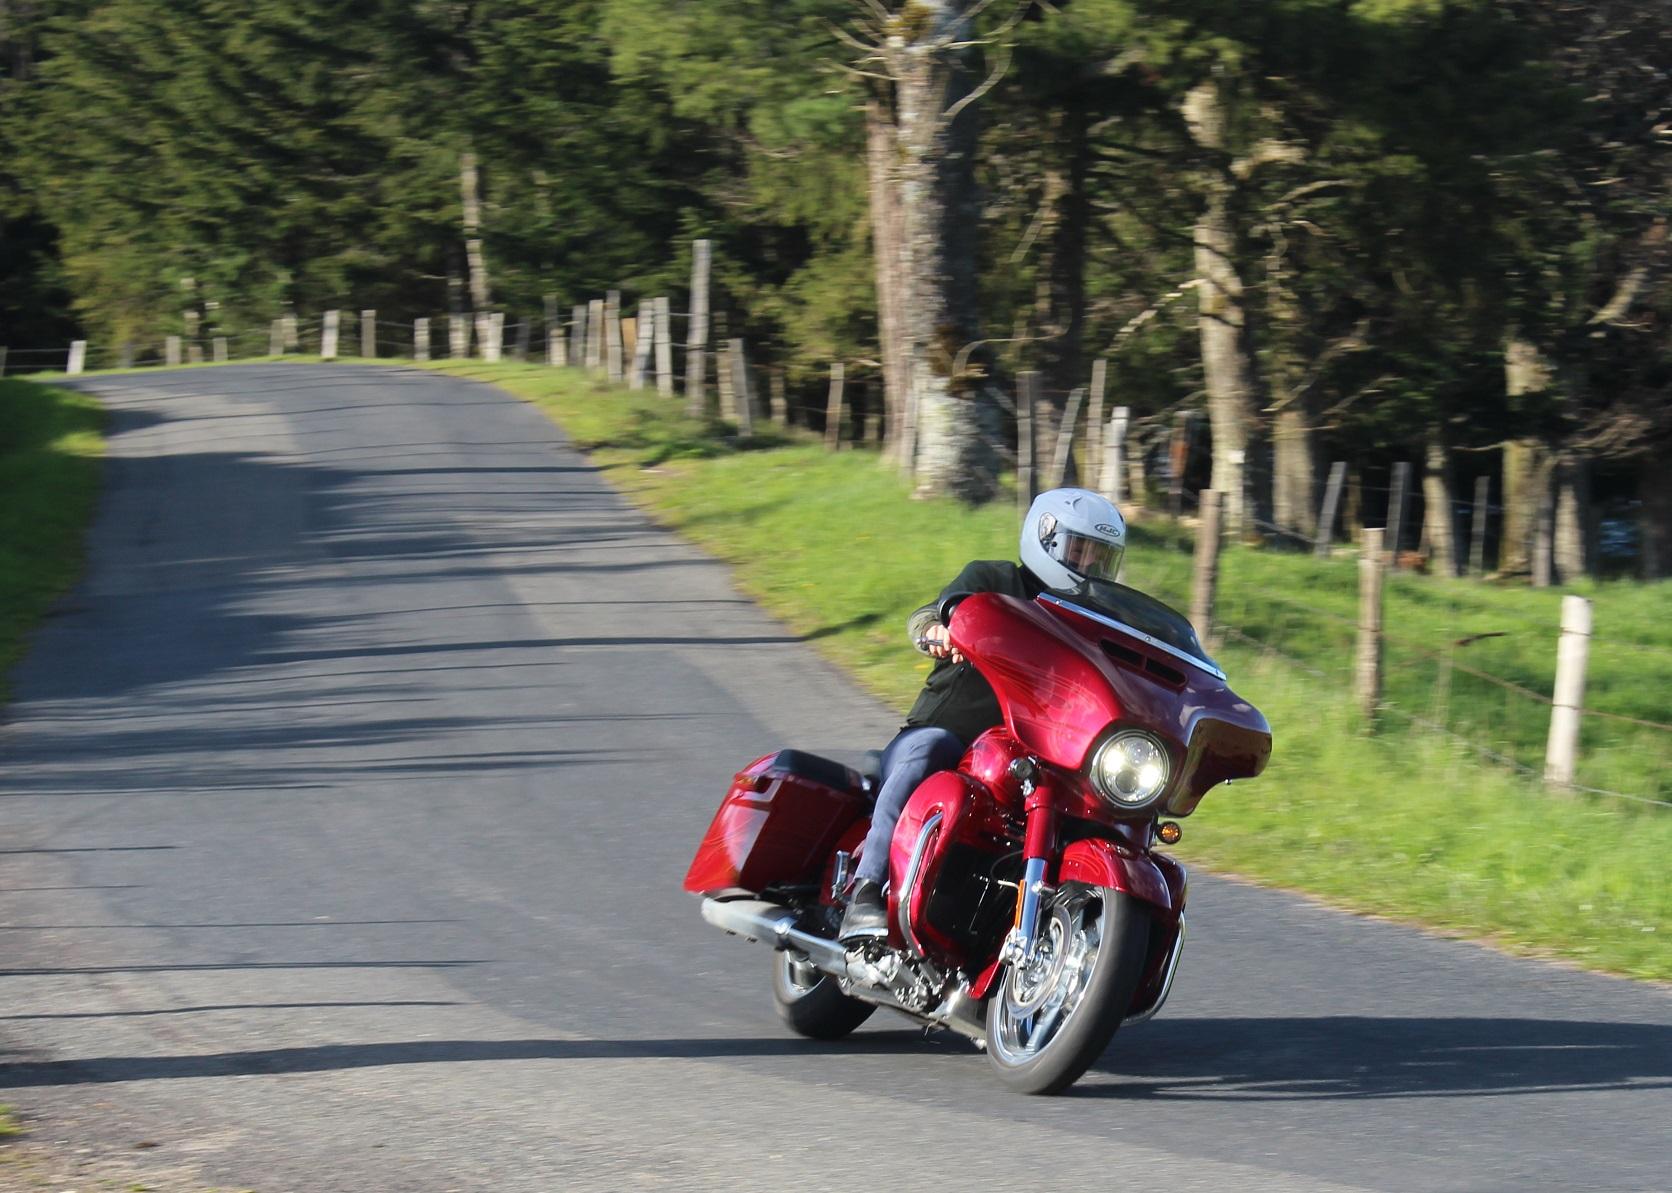 De Paris àGrimauden Harley: l'aventure de 6 riders et un poireau